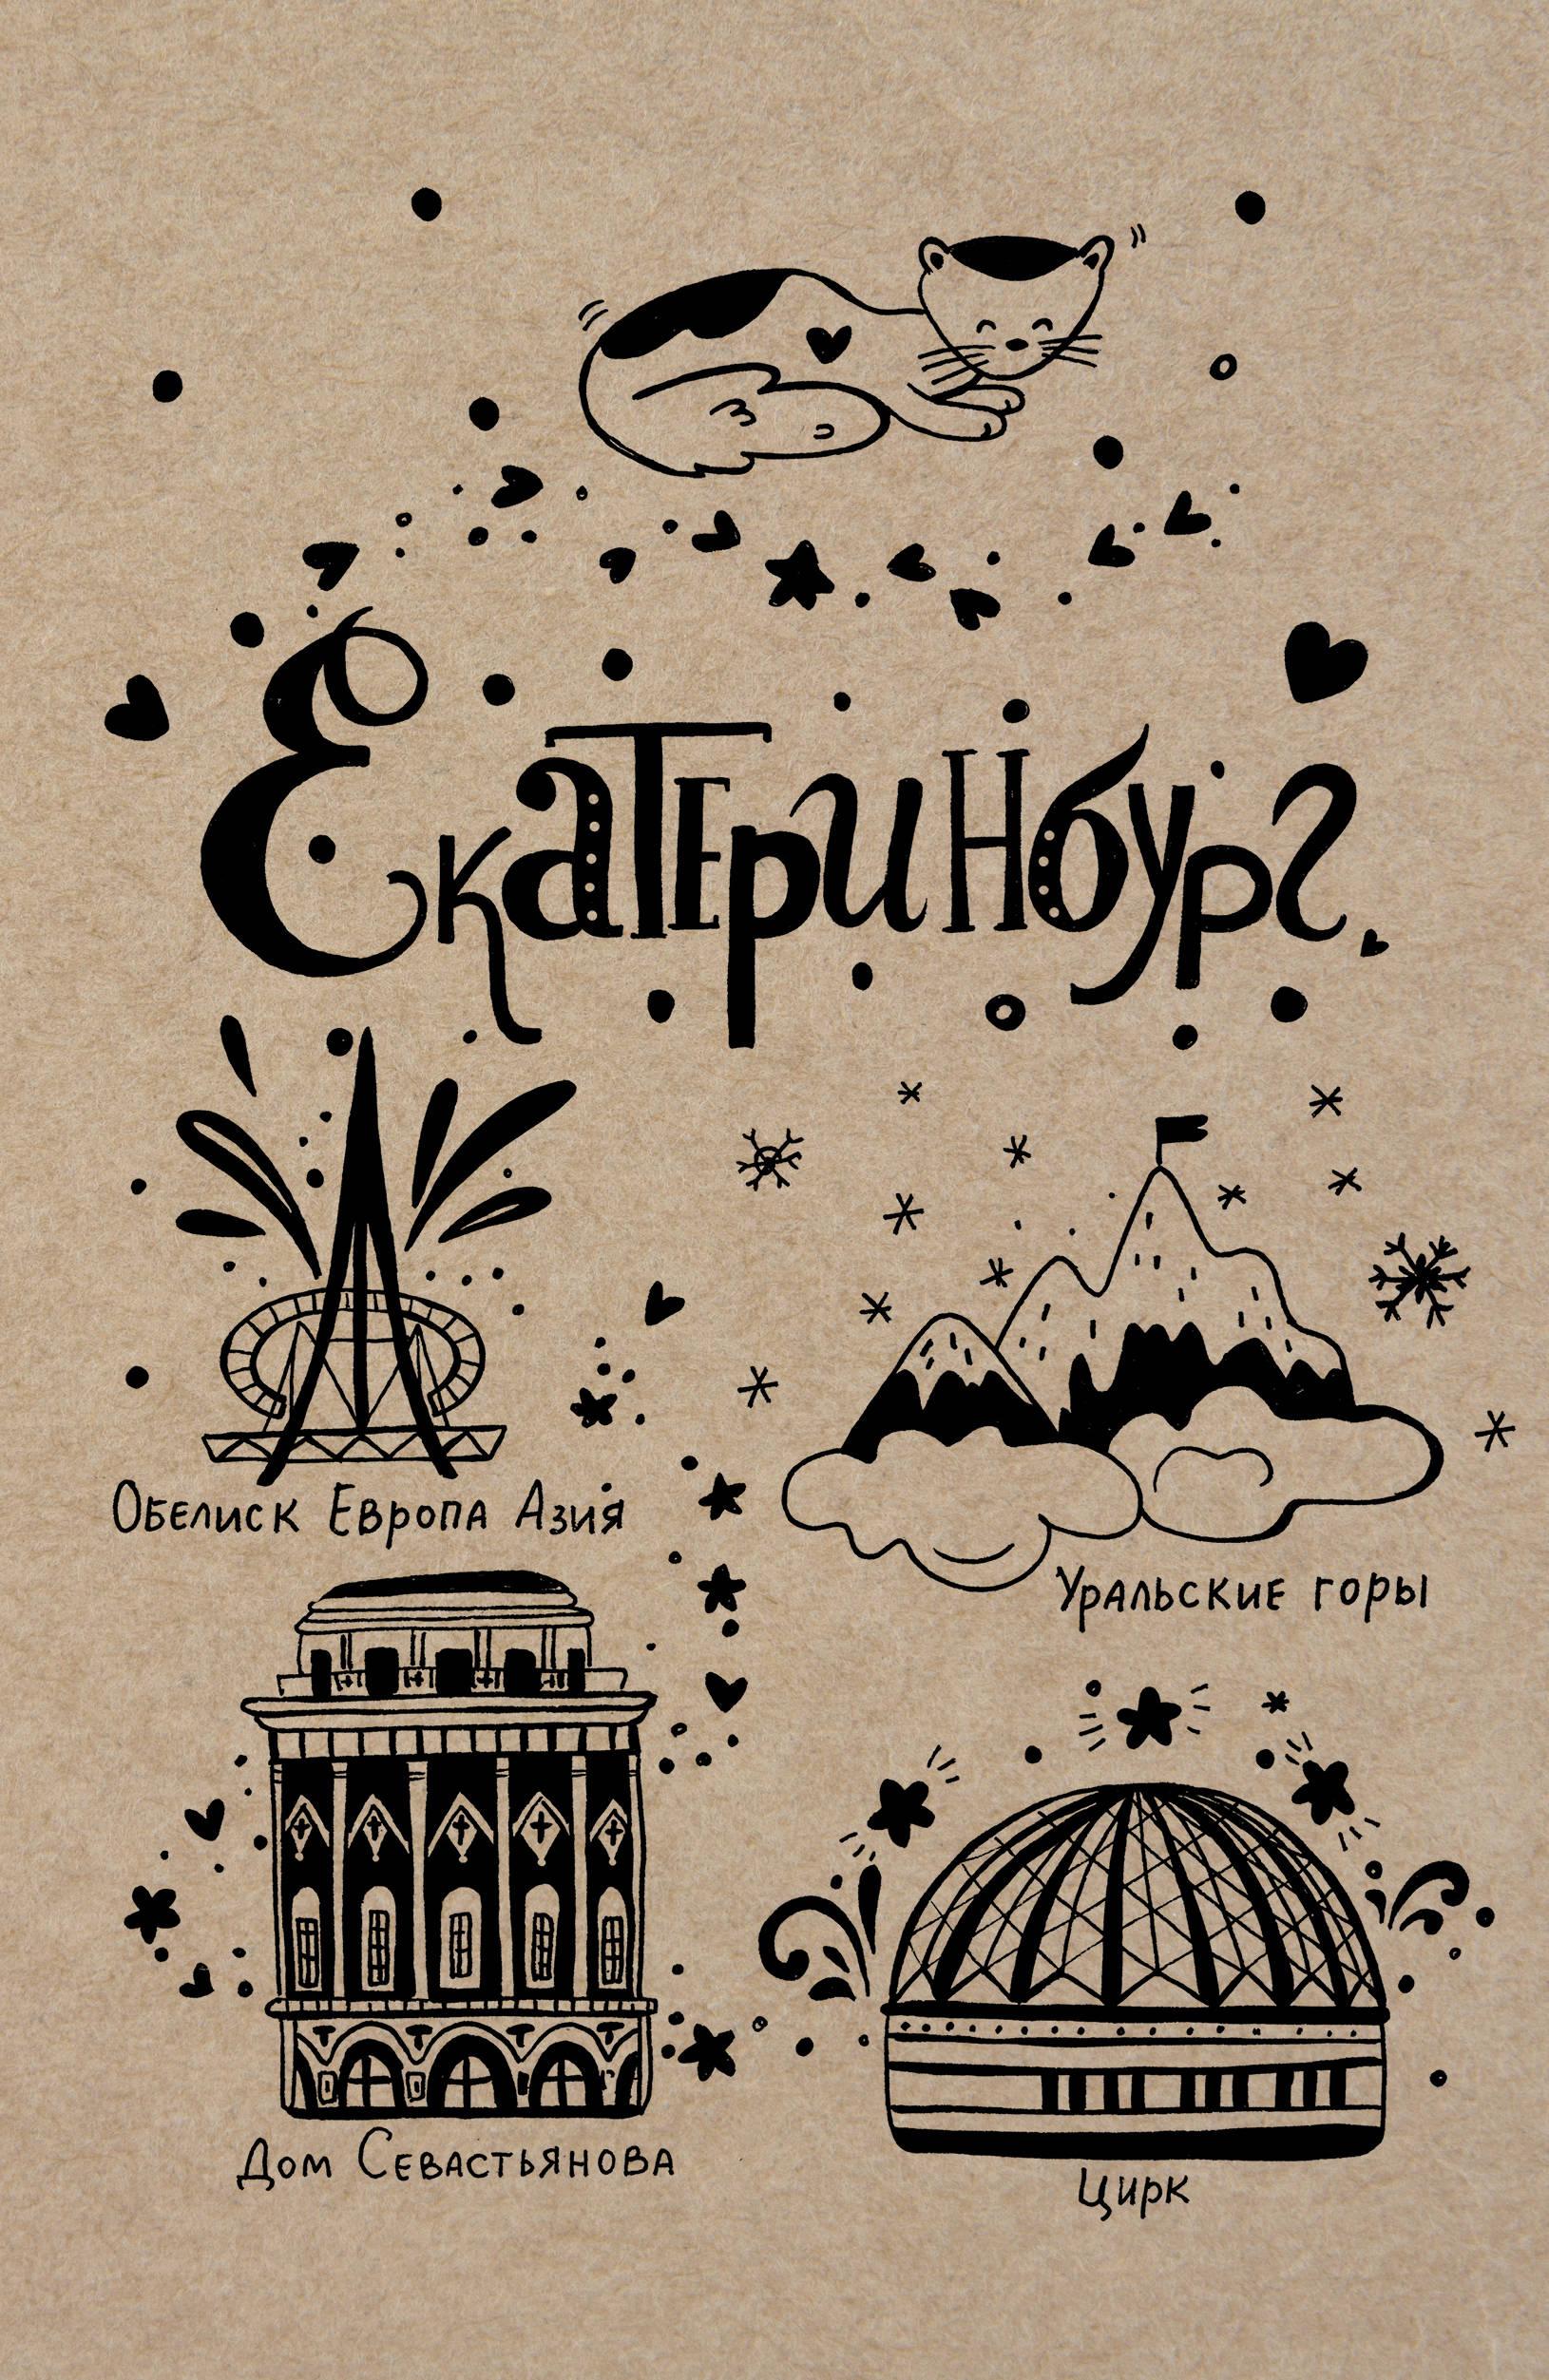 Екатеринбург. Блокнот